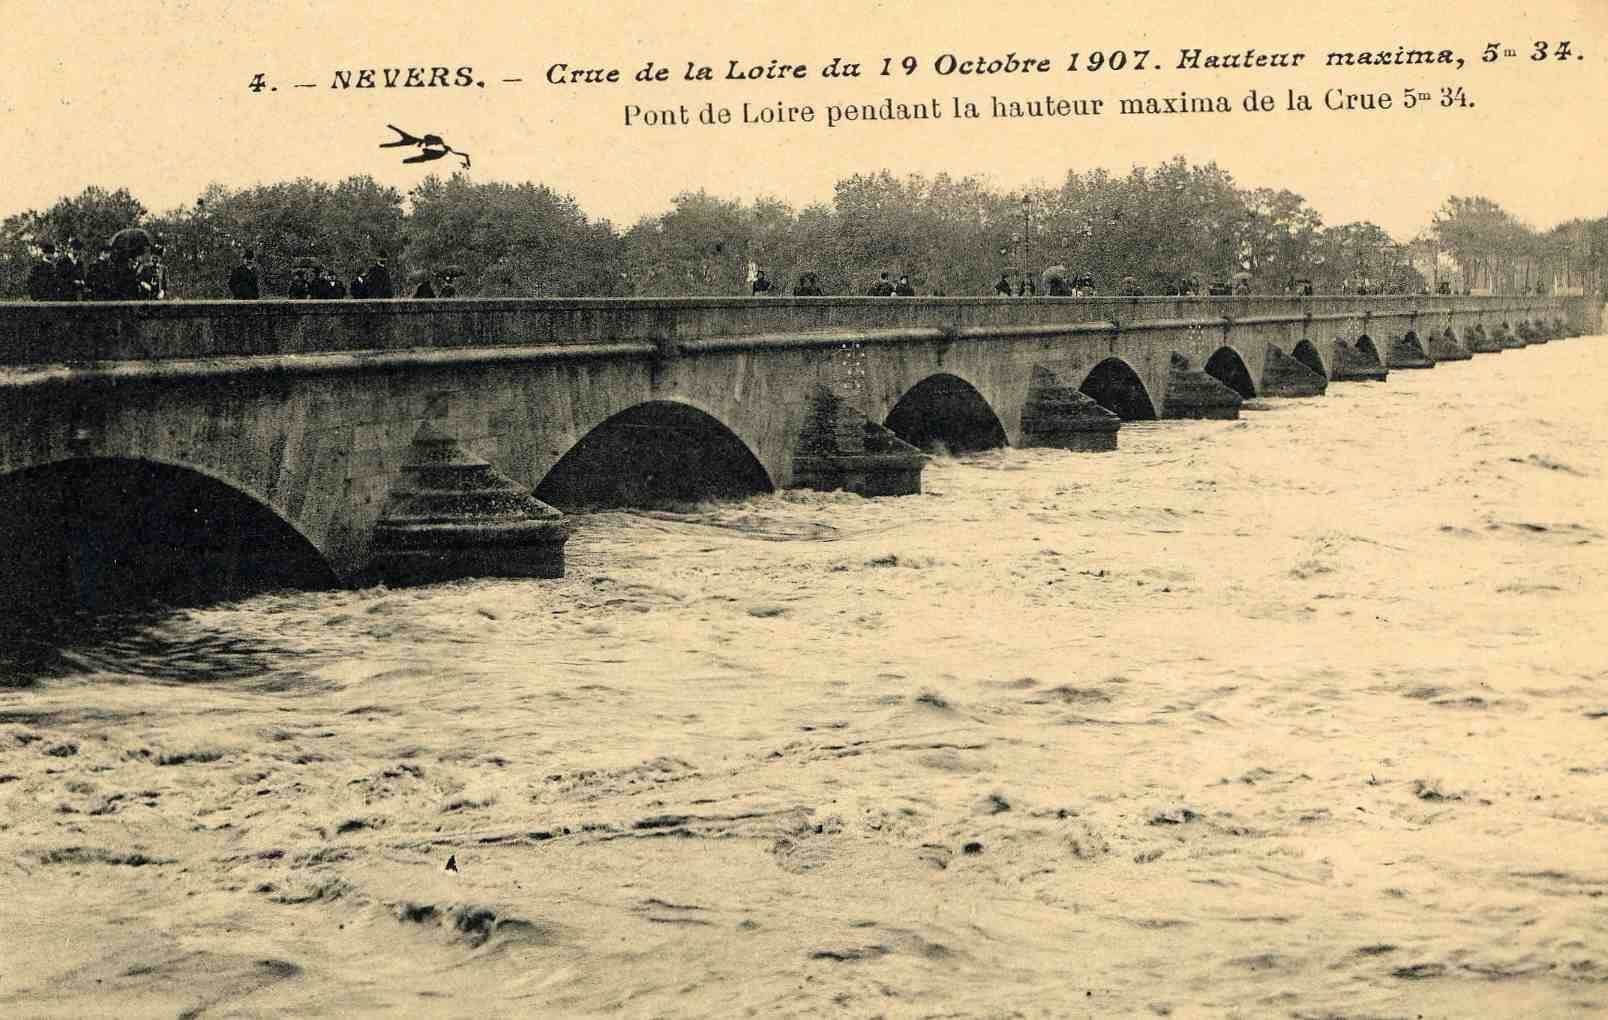 Pont de Loire009